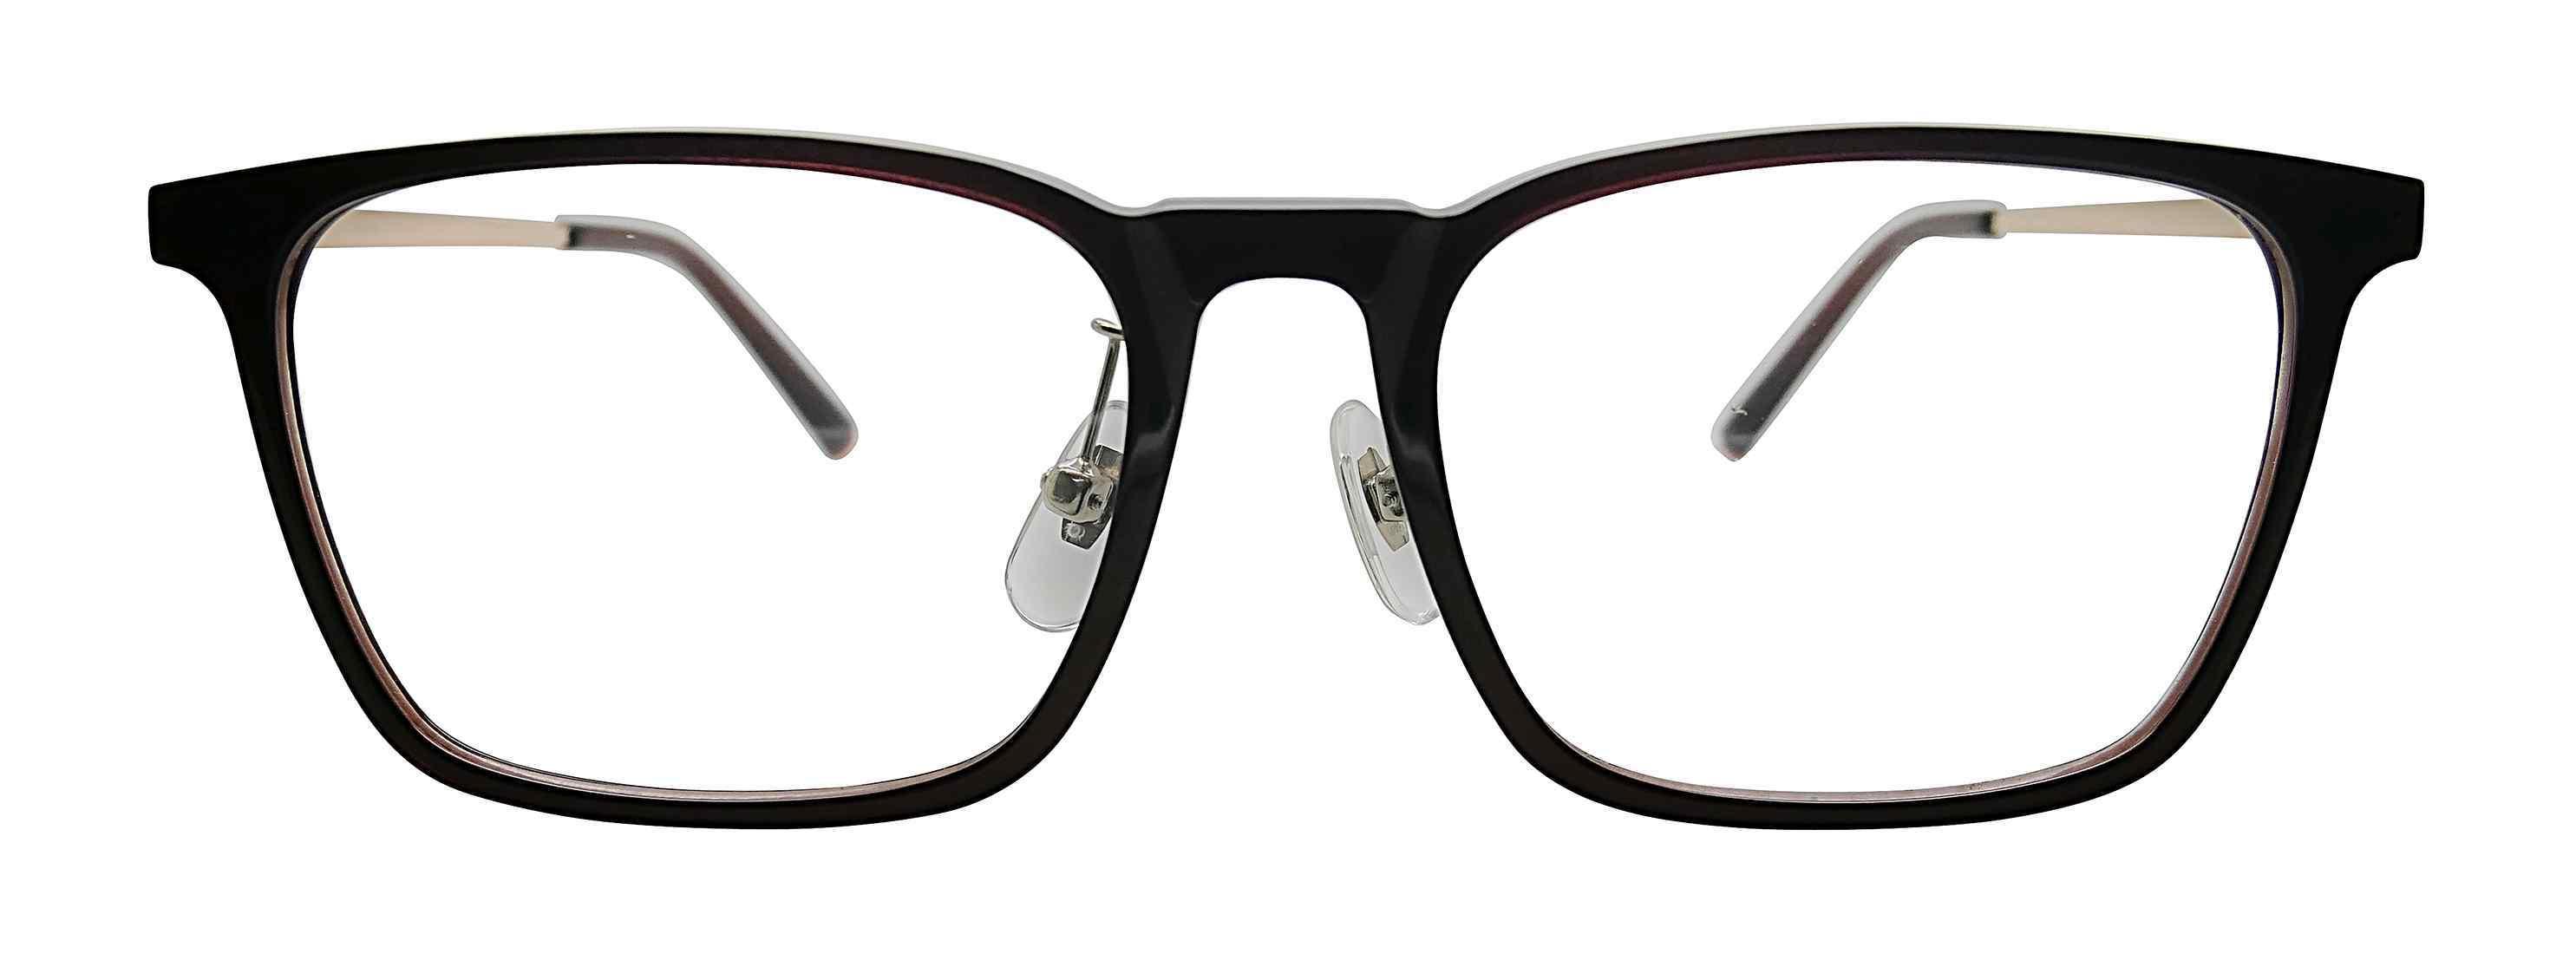 Esprit Spectacles 14307 1 01